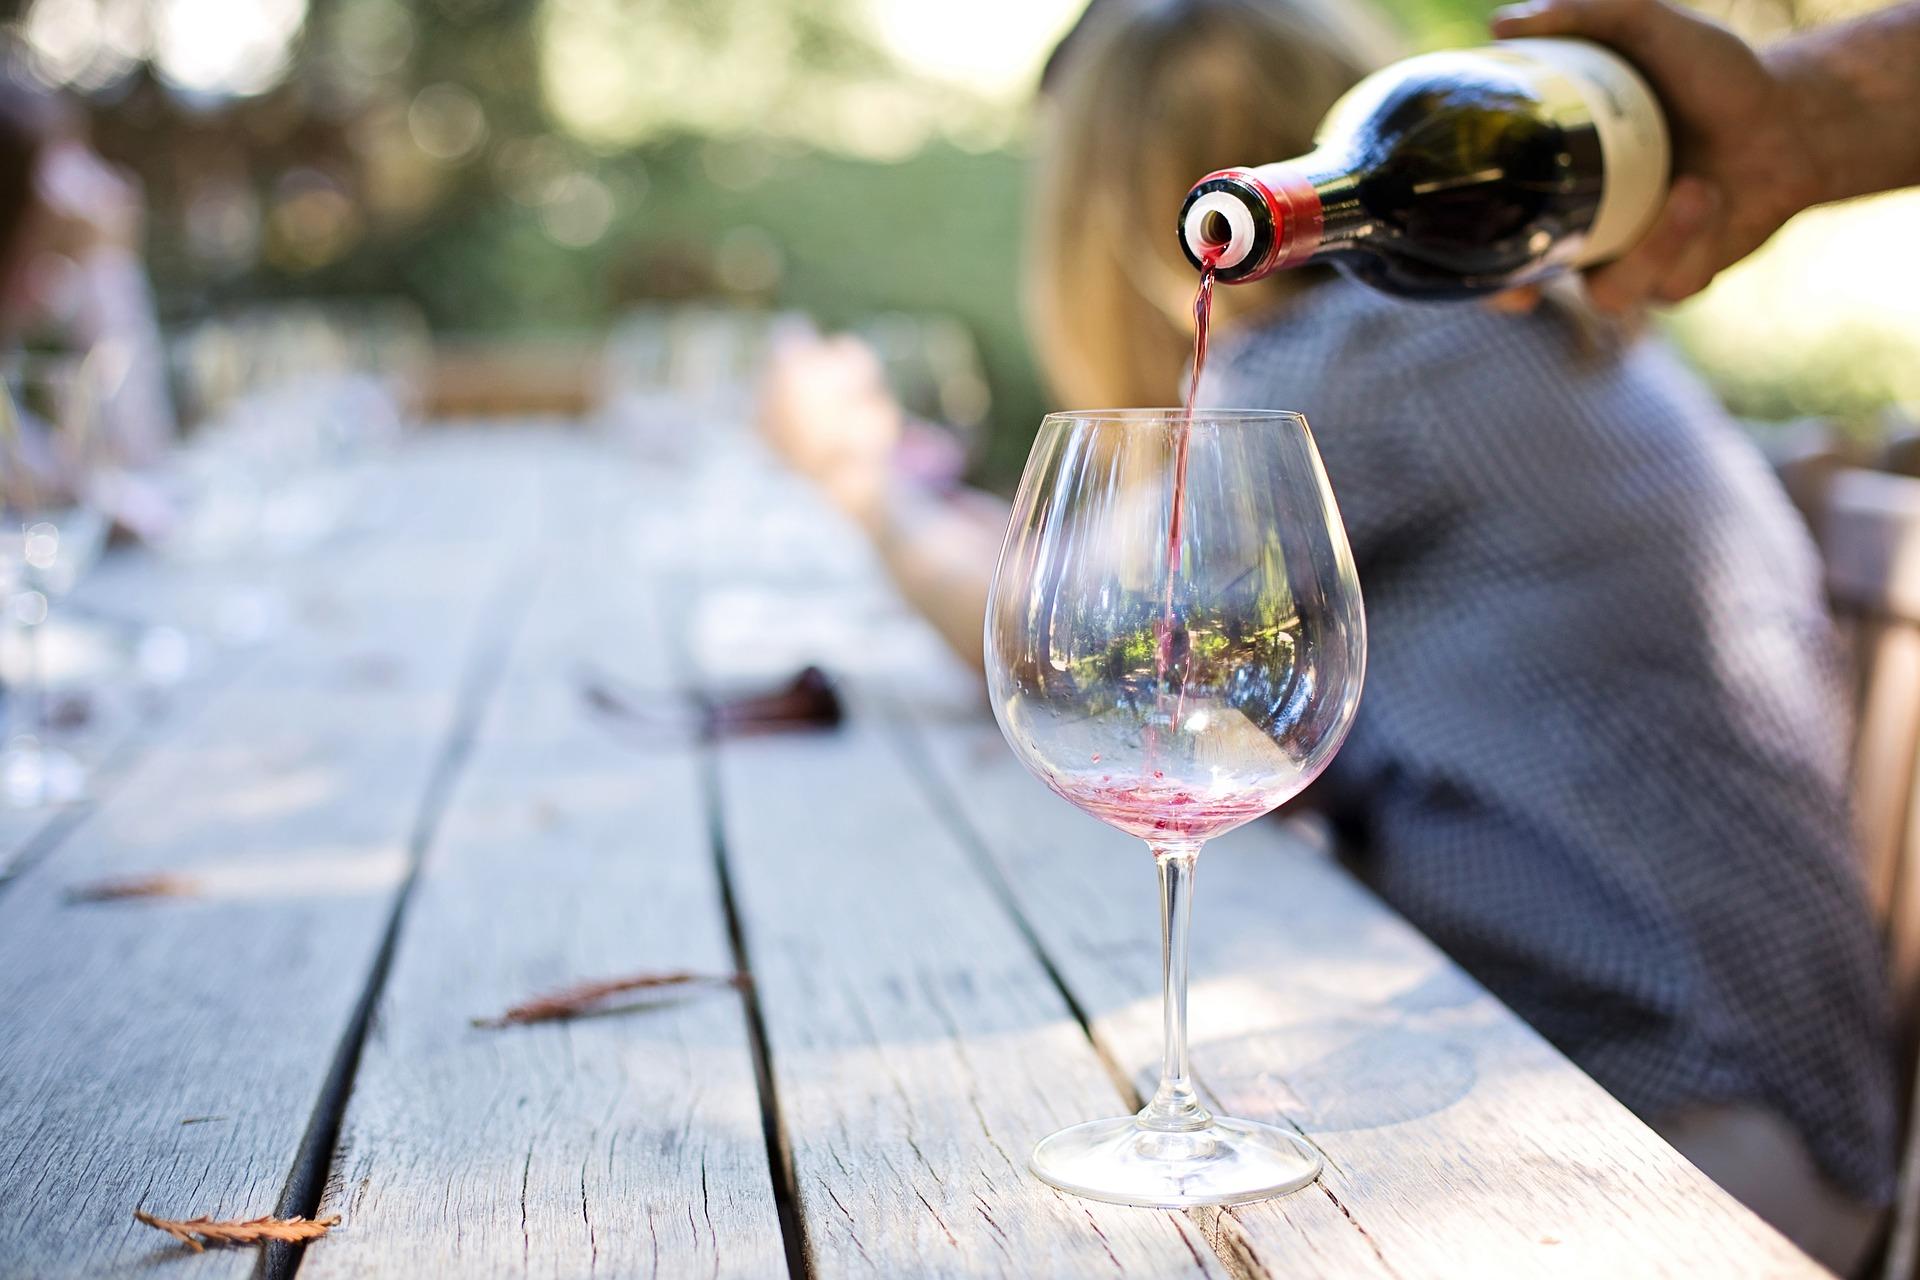 qu'est ce qu'un aérateur de vin ?